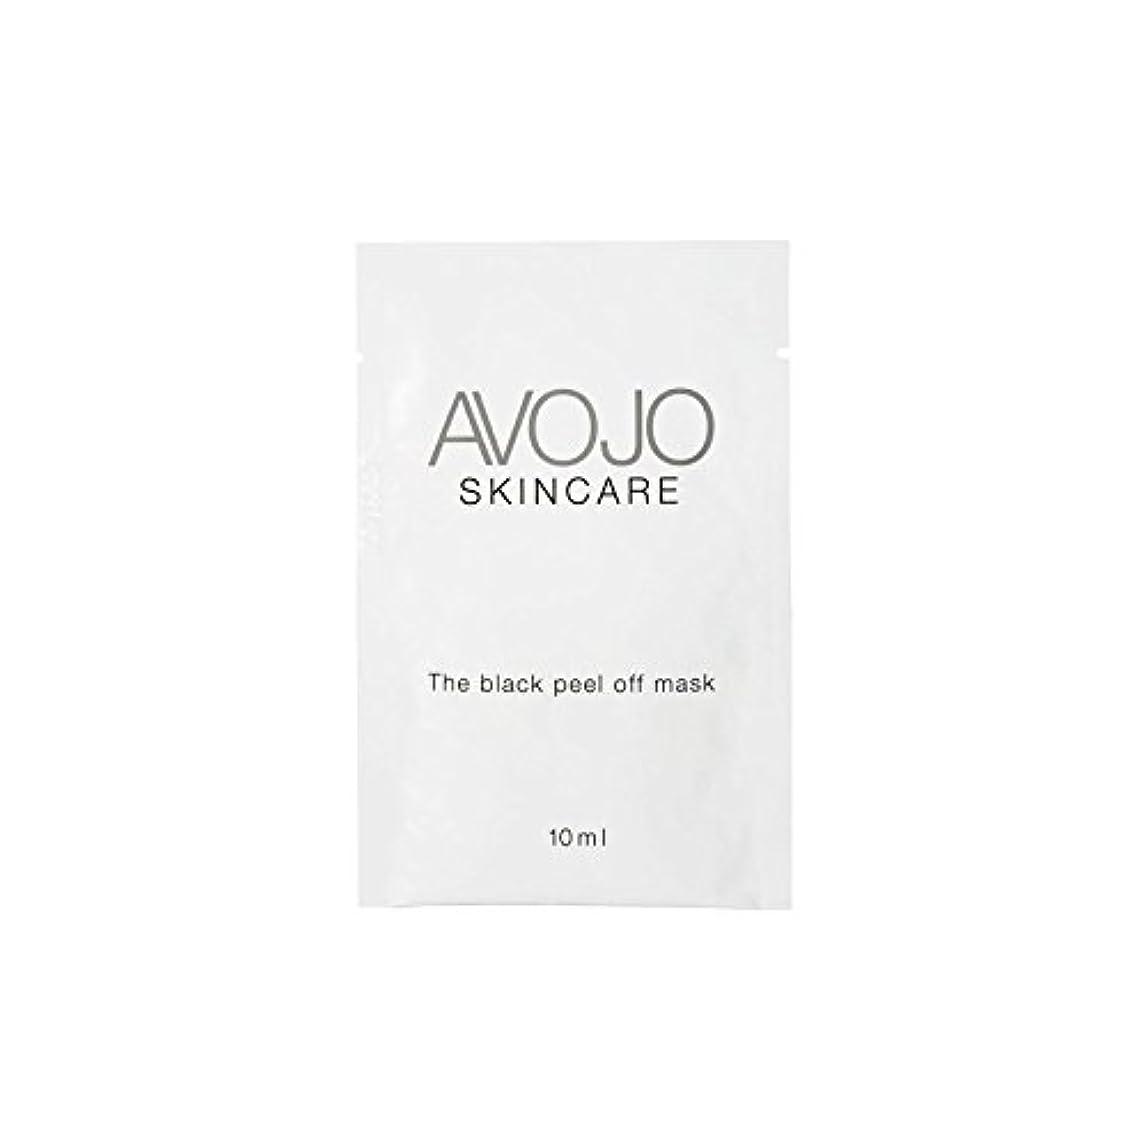 悪行見捨てられた不要- ブラックピールオフマスク - 小袋(10ミリリットル×4) x4 - Avojo - The Black Peel Off Mask - Sachet (10ml X 4) (Pack of 4) [並行輸入品]